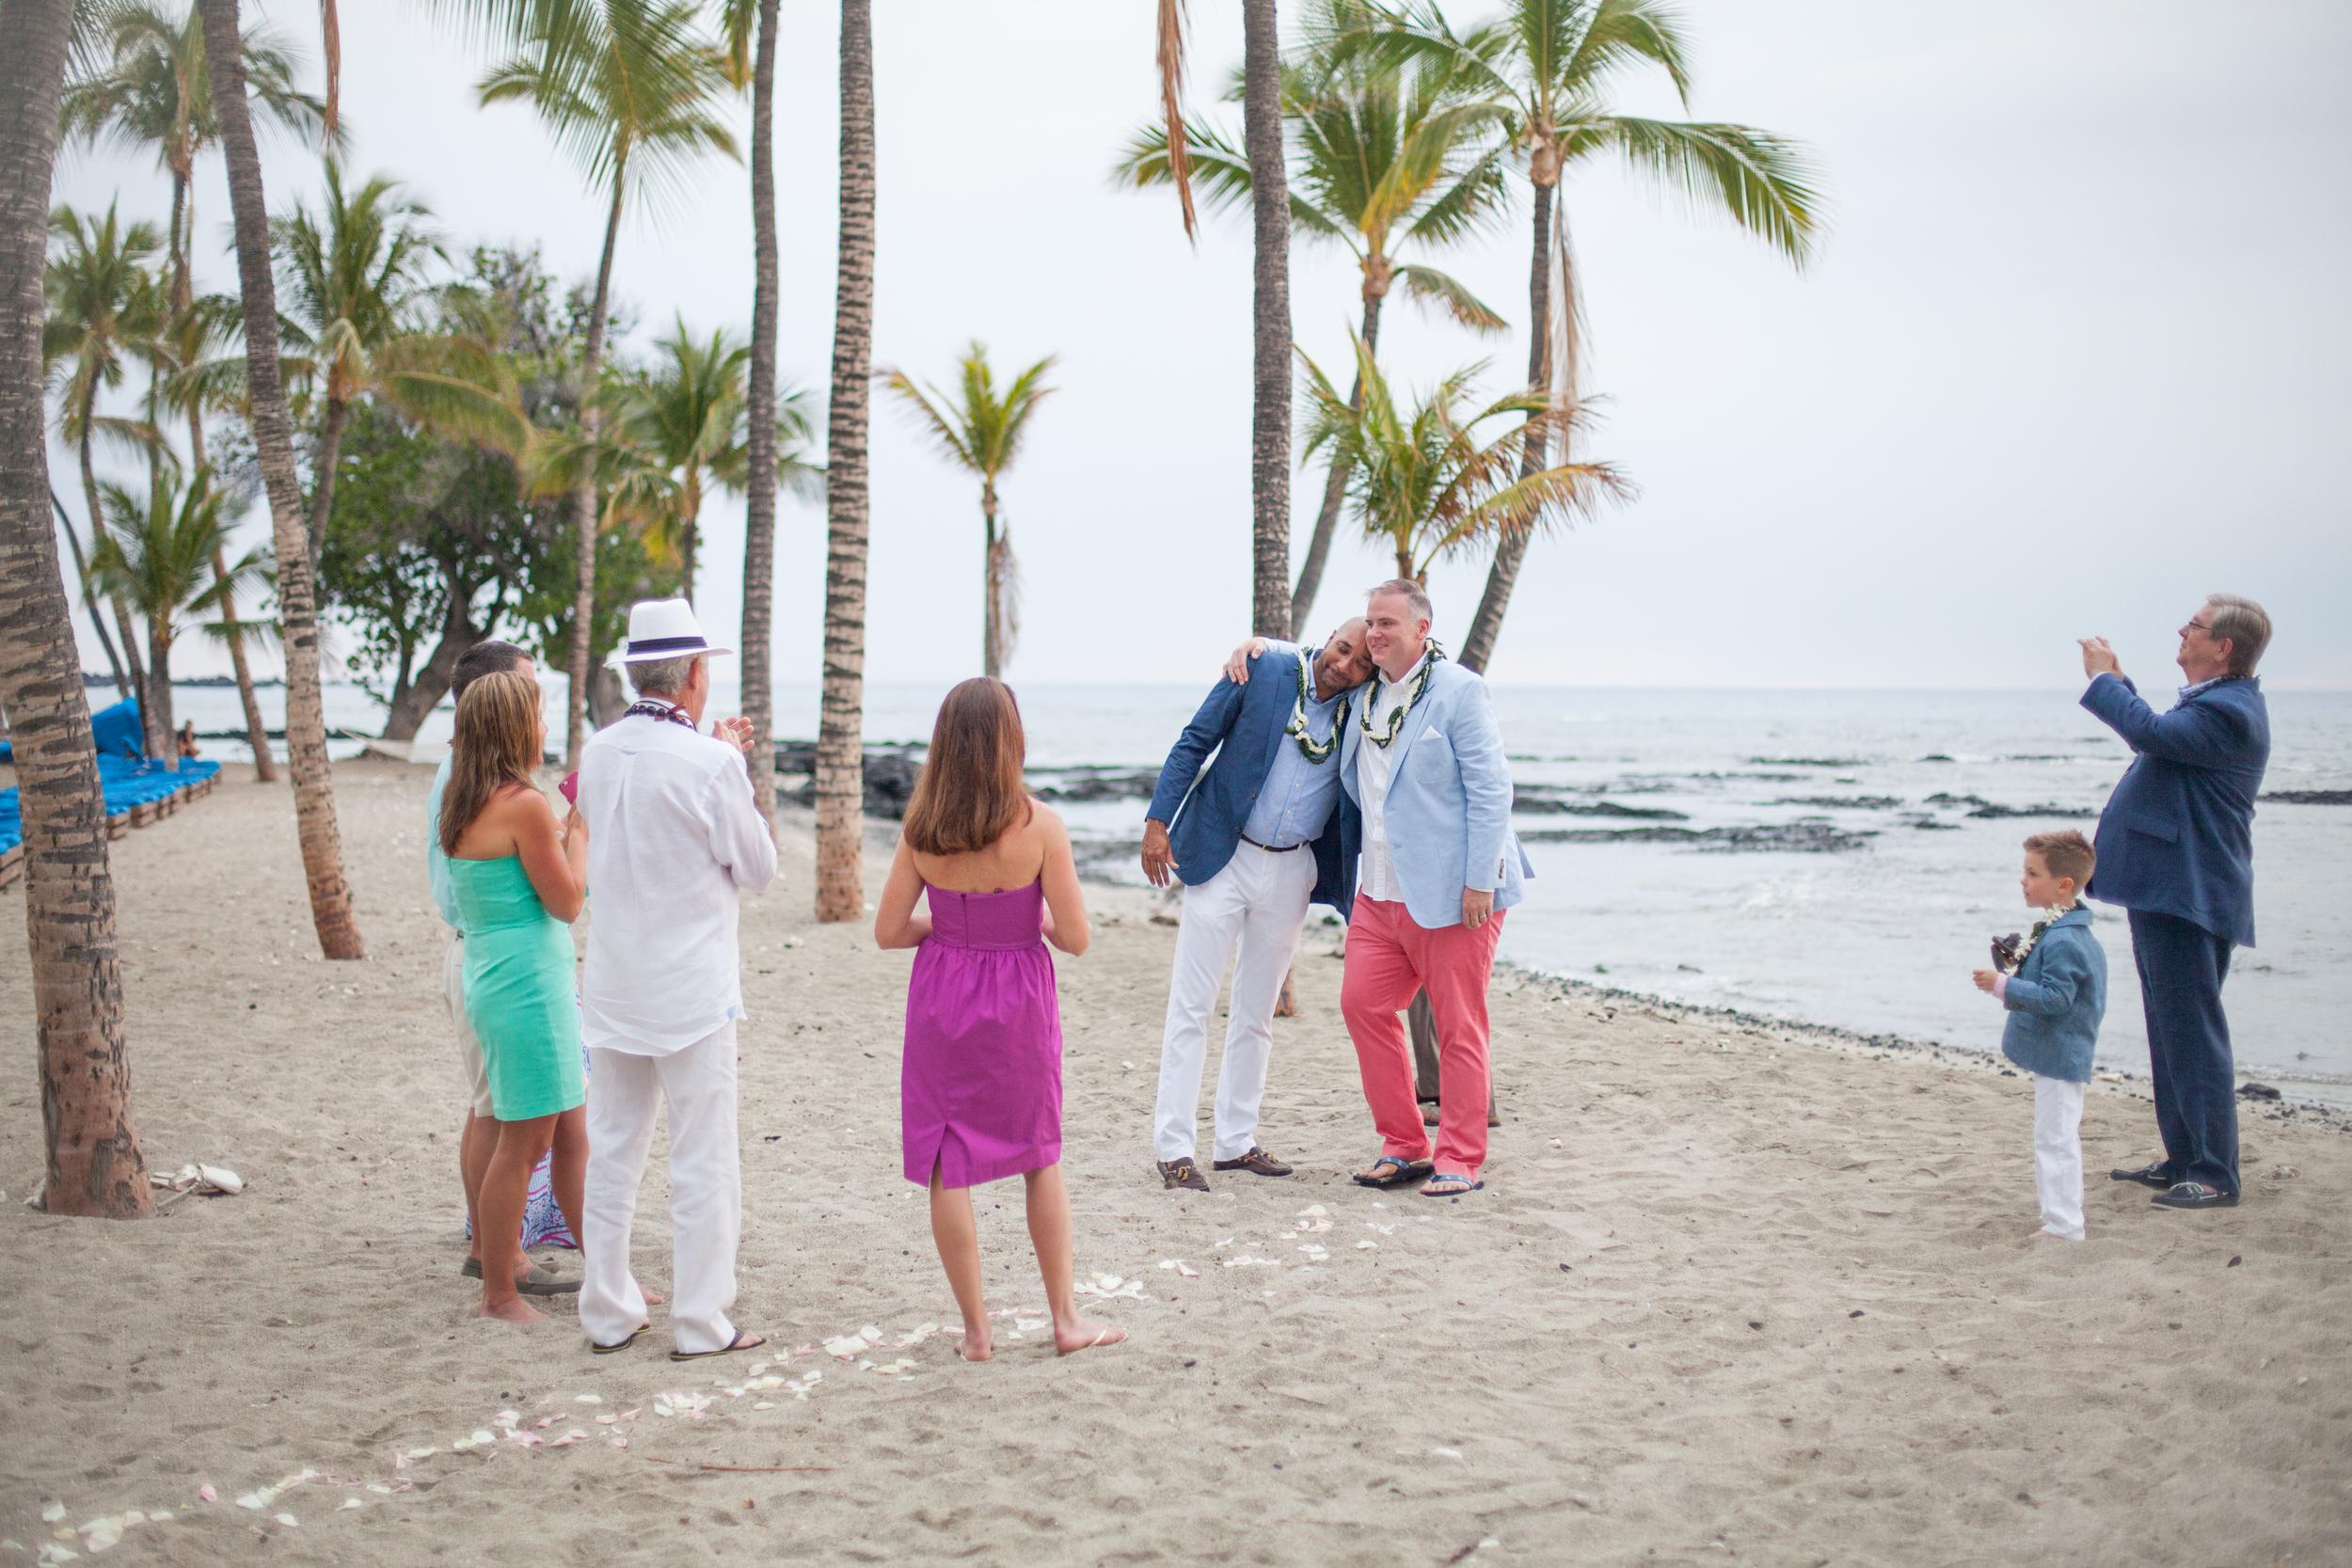 big island hawaii rmauna lani beach wedding © kelilina photography 20160601183549-3.jpg